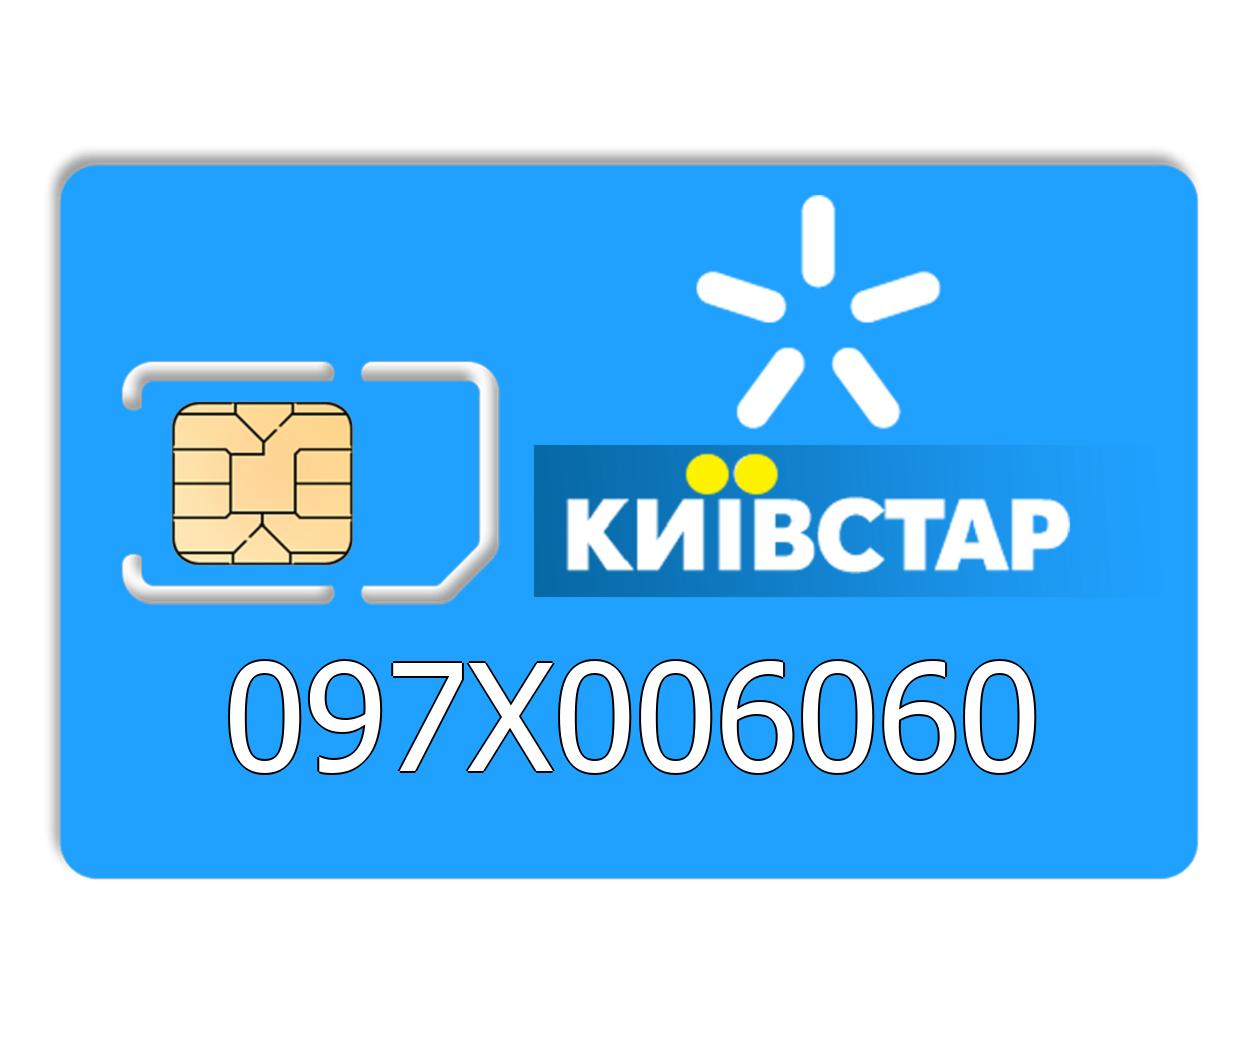 Красивый номер Киевстар 097X006060